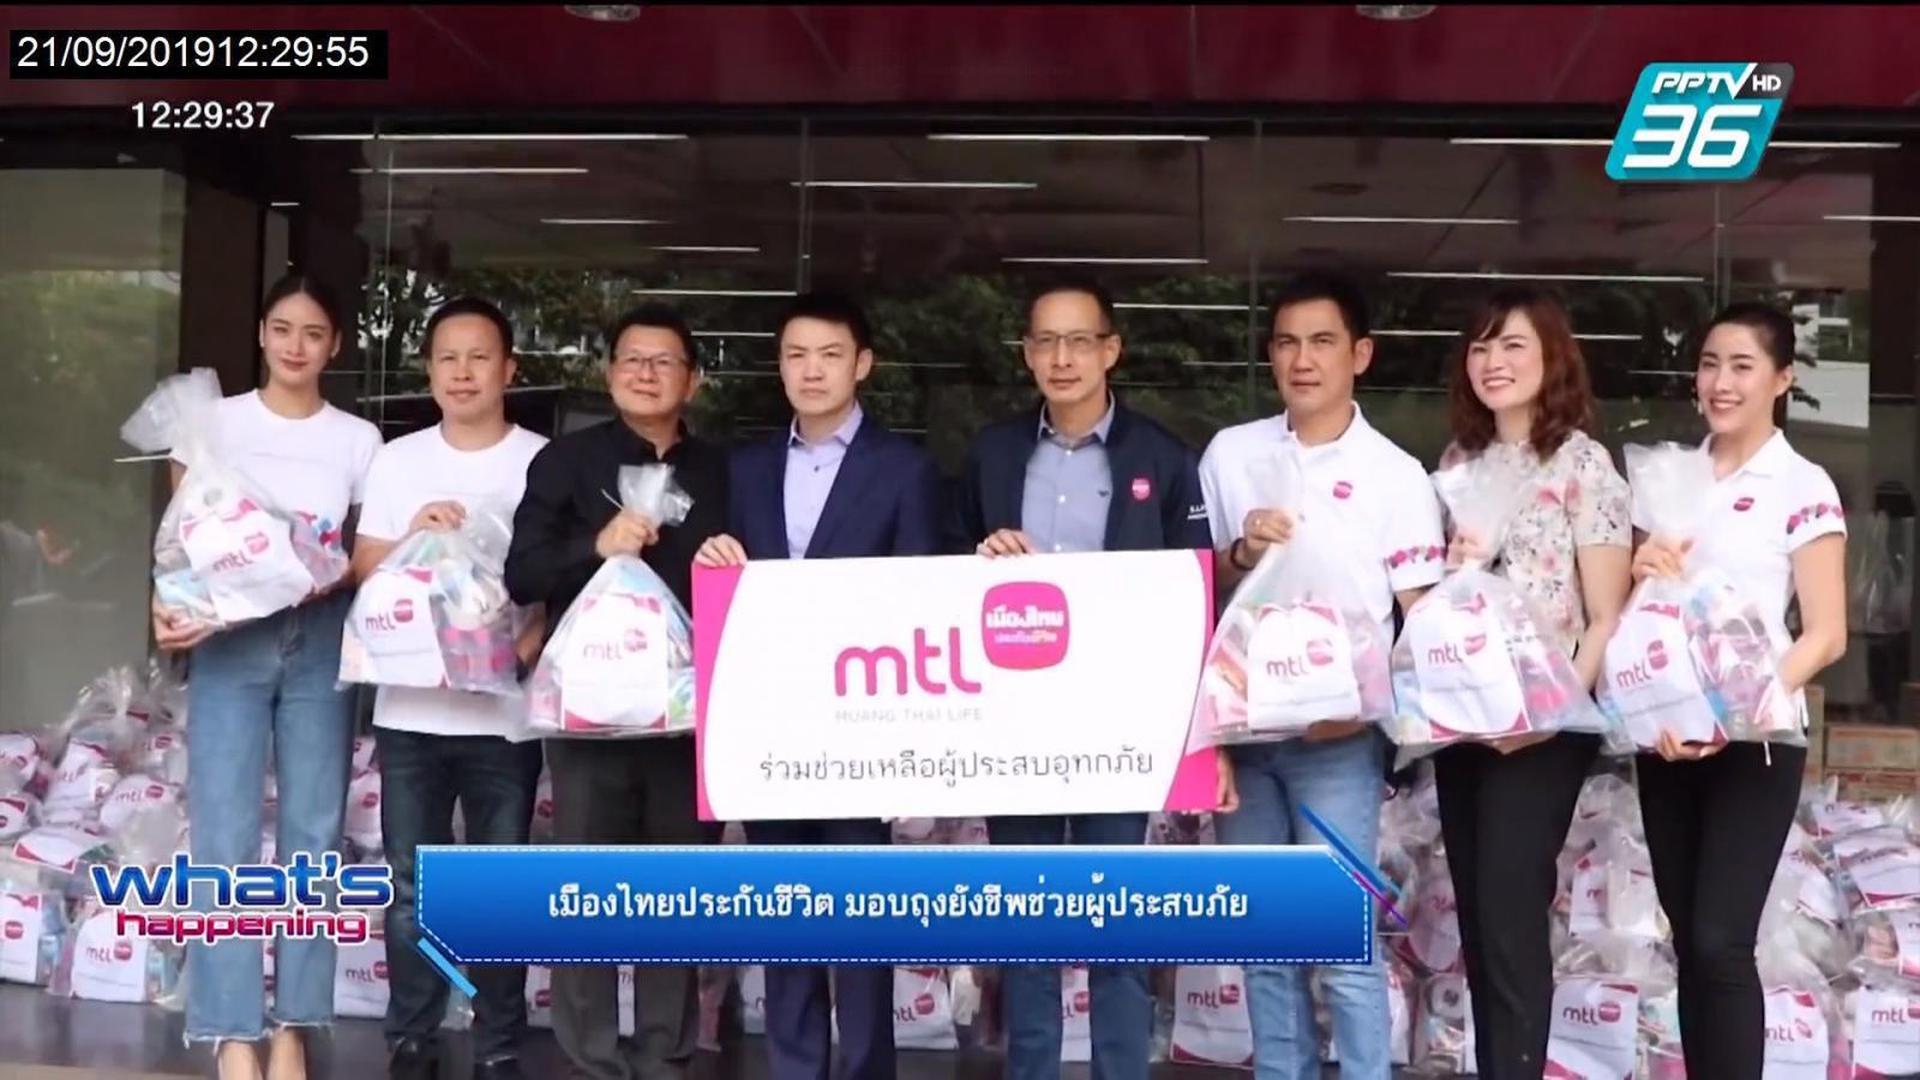 เมืองไทยประกันชีวิต มอบถุงยังชีพช่วยผู้ประสบภัย จำนวน 25 จังหวัด